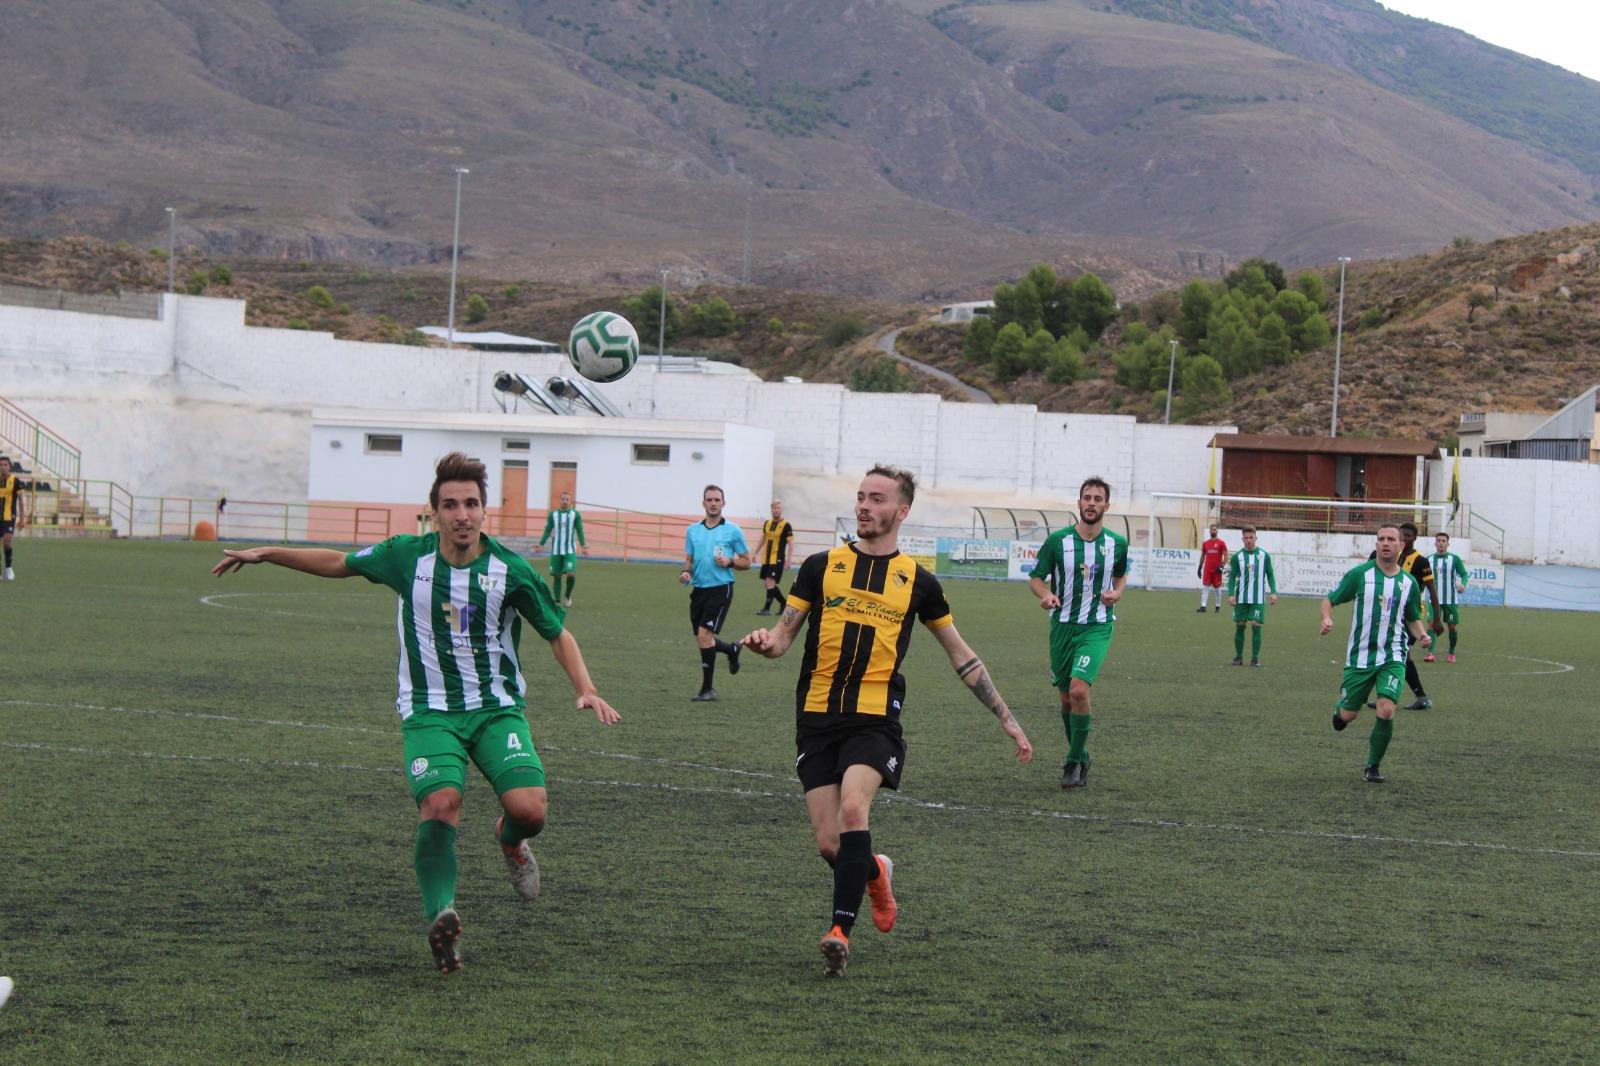 El Berja CF no puede con el Juventud de Torremolinos y suma su cuarta derrota consecutiva